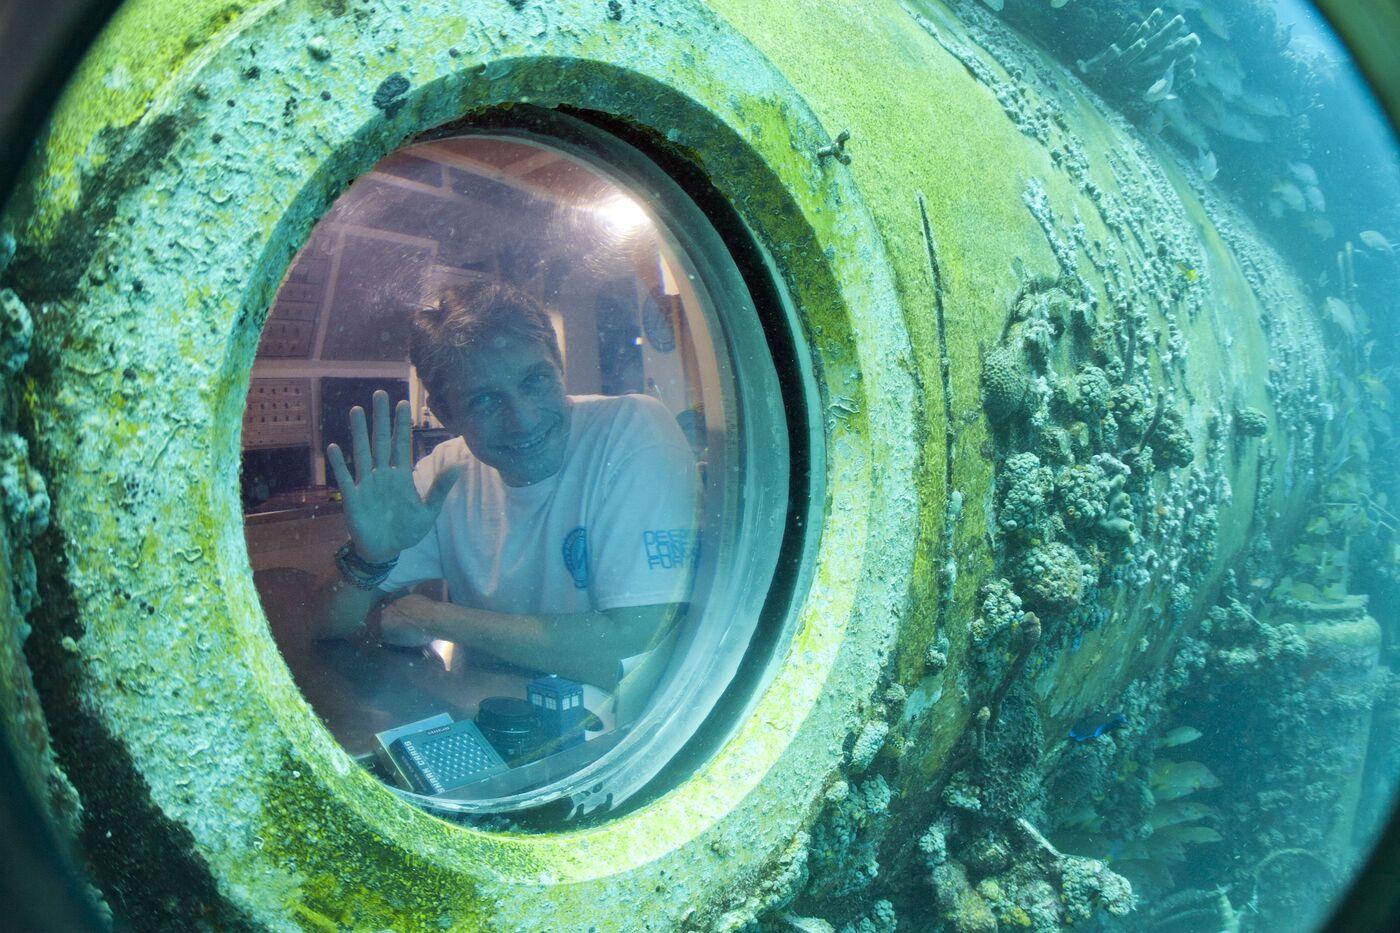 Fabien Cousteau